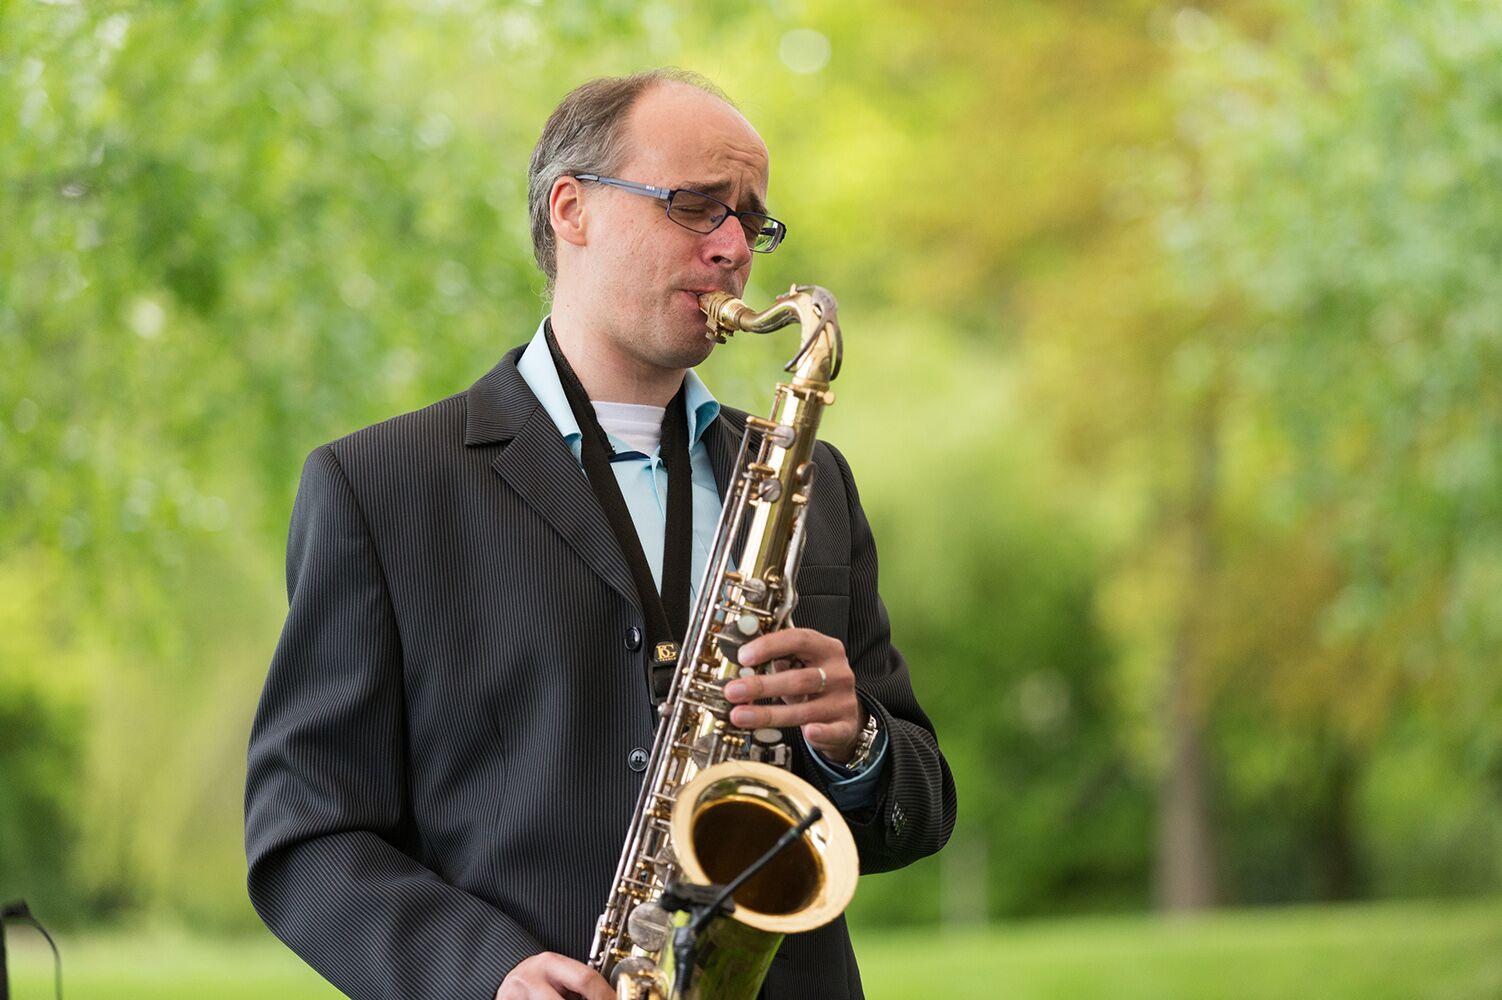 Georg Lehmann Saxophon, Hochzeitsmusiker